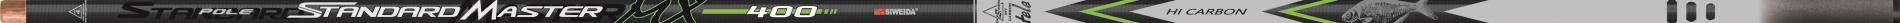 Удилище тел. SWD STANDARD MASTER 6м б/к карбон IM7Удилища поплавочные<br>Универсальное маховое удилище. Материал <br>изготовления бланка удилища– карбон IM7. <br>Длина 6м. Характеризуется быстрым строем, <br>тонким комлем и небольшим весом. Серия рекомендована <br>для всех видов ловли.<br>